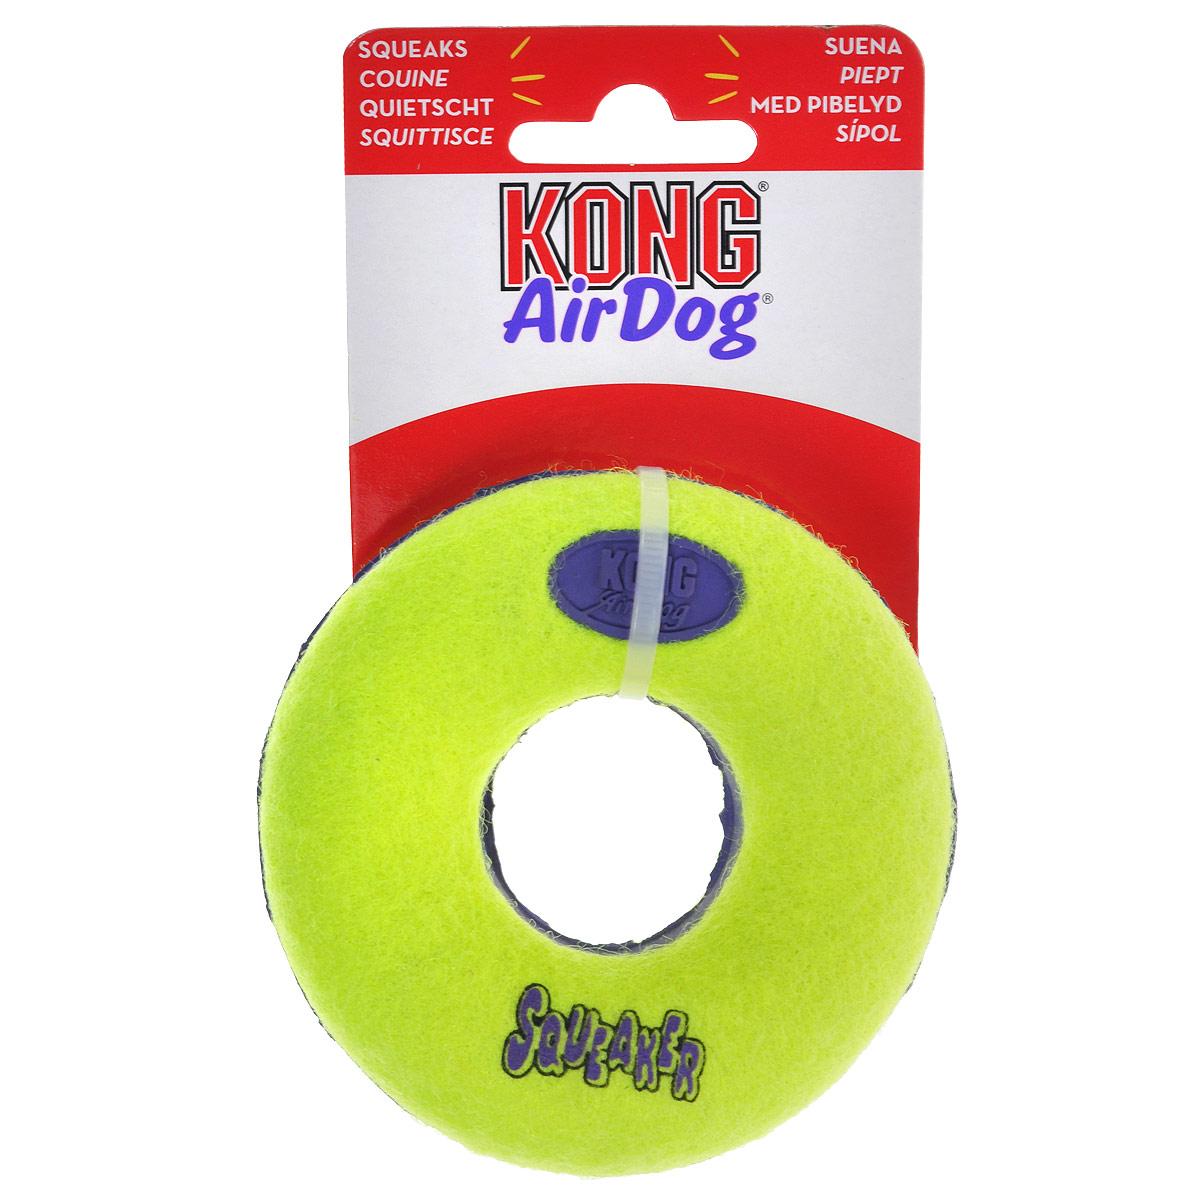 Игрушка для собак Kong Air Кольцо. ASD3ASD3Игрушка для собак Kong Air Кольцо предназначена для собак мелких пород весом от 1 до 10 кг. Эта игрушка - на 100% настоящие теннисные мячи в различных забавных формах и размерах. Такой мячик имеет непредсказуемую траекторию при отскакивании от земли и может плавать на поверхности воды. Игрушка выполненная из материала, не вредящего зубам собаки в форме кольца, при надавливании или захвате пастью пищит.